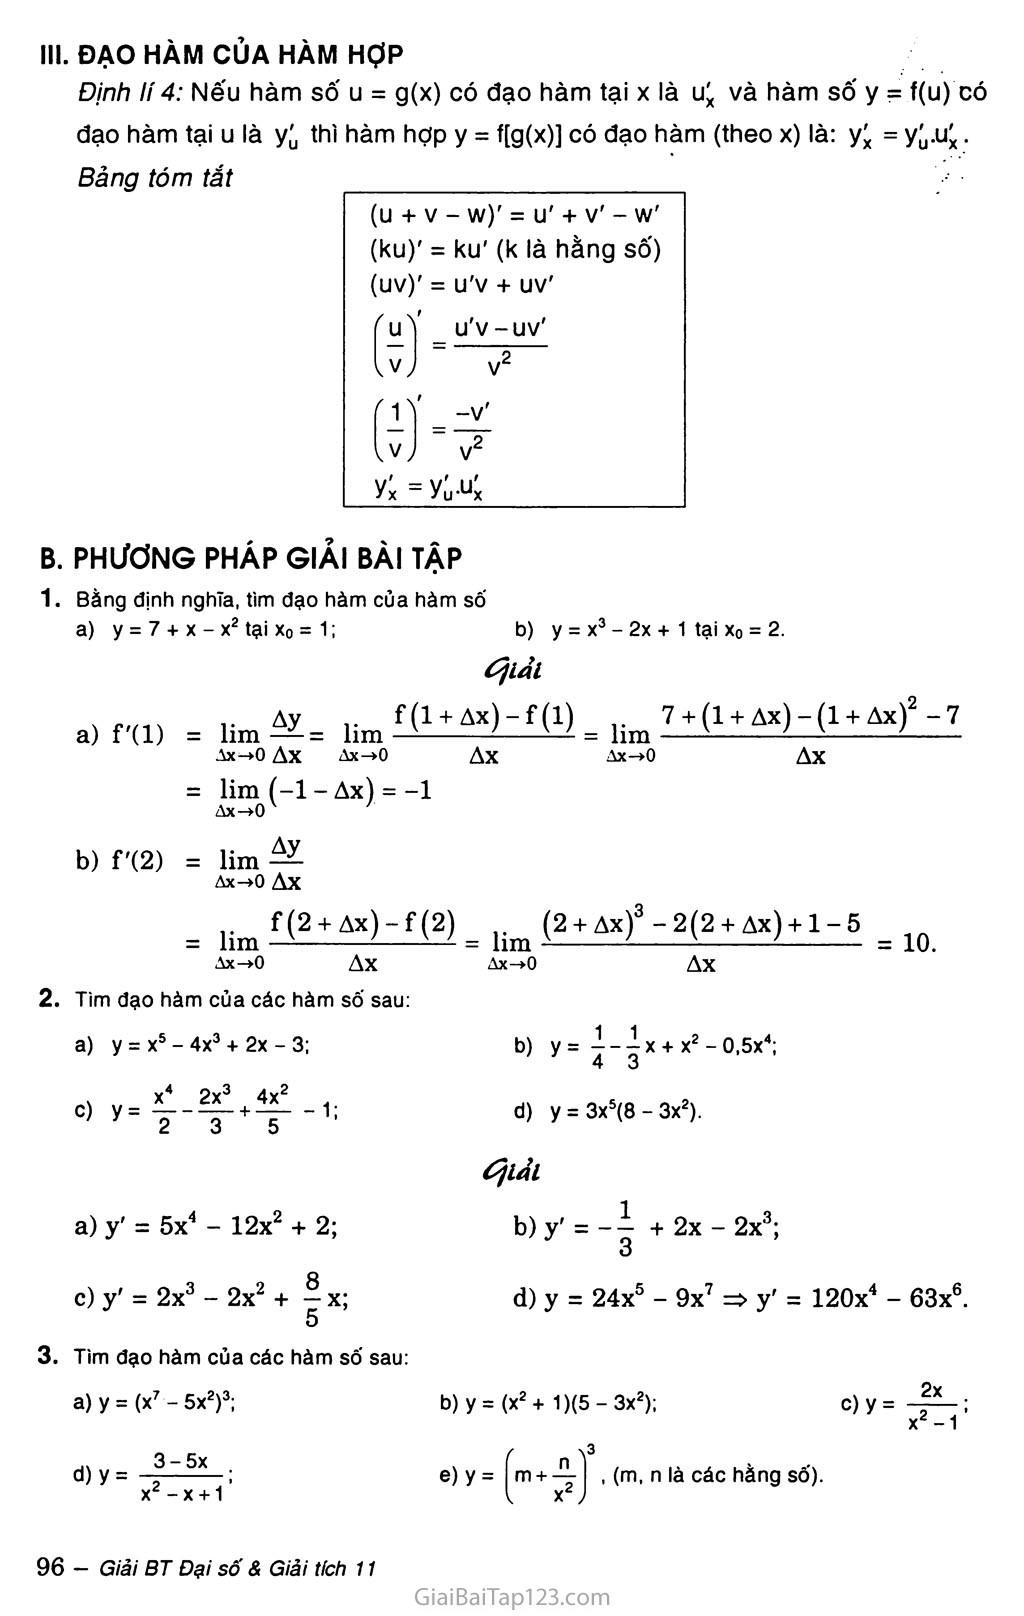 Bài 2. Quy tắc tính đạo hàm trang 2